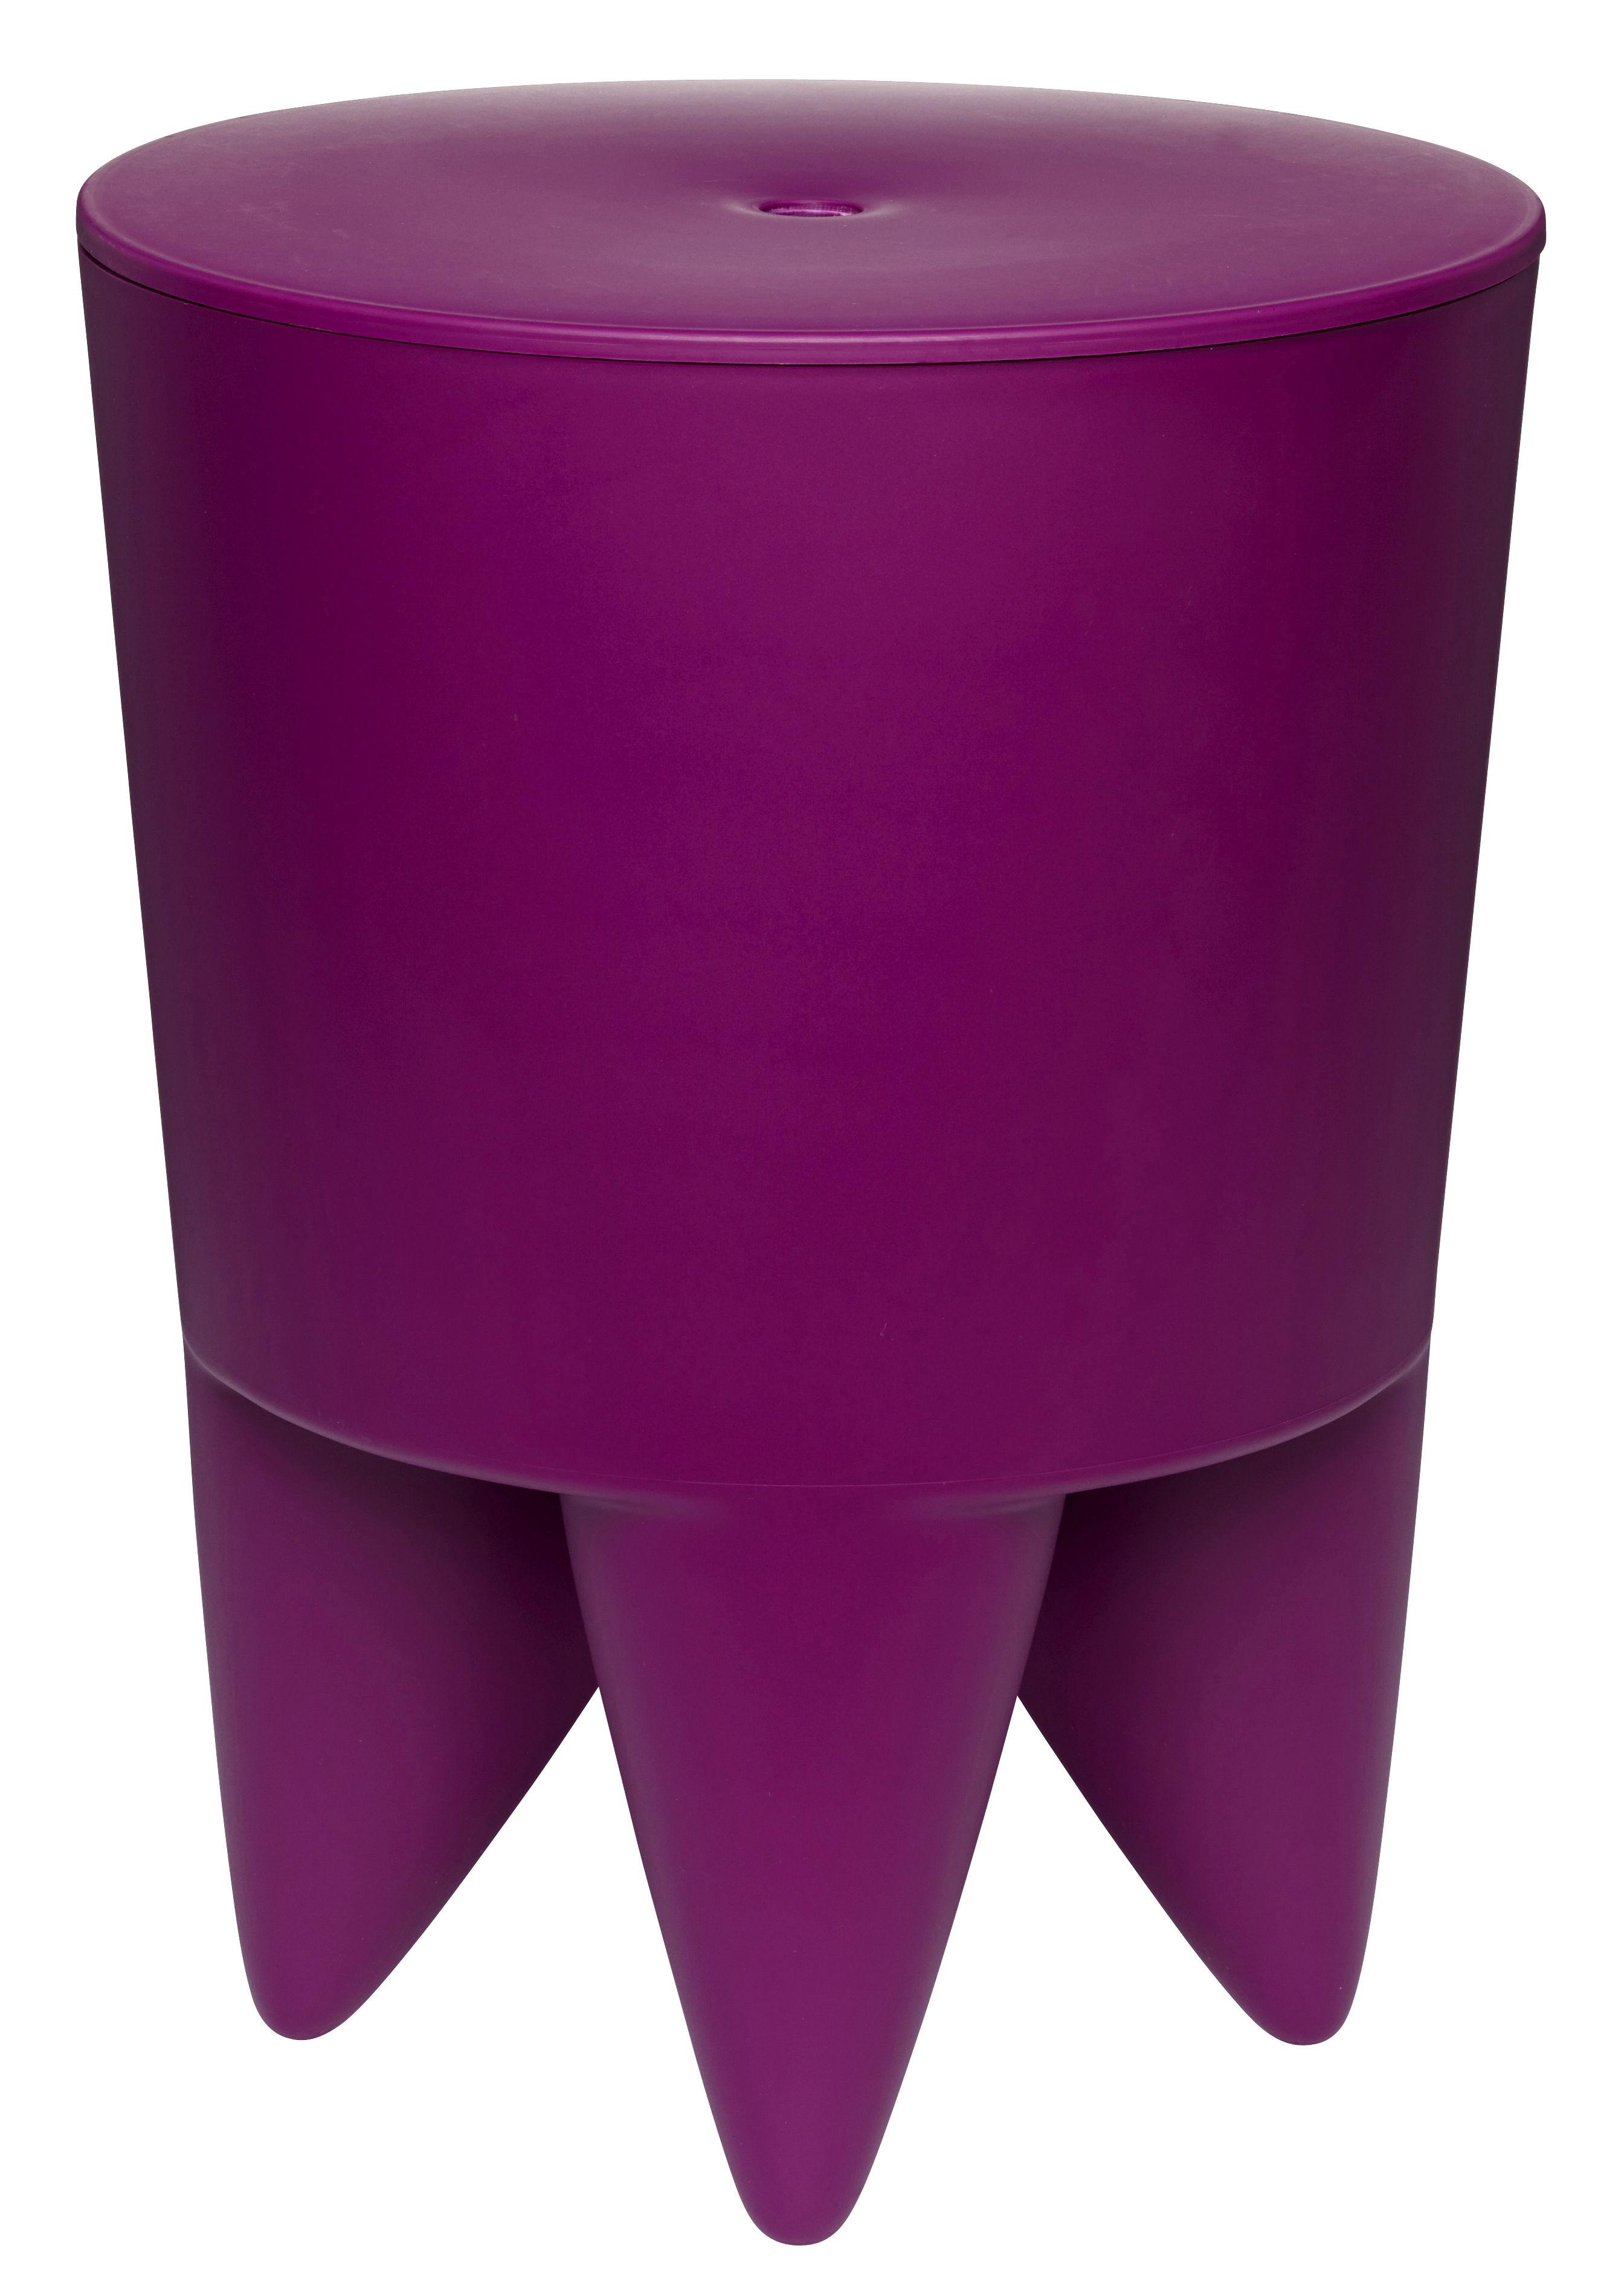 Arredamento - Sgabelli - Sgabello New Bubu 1er - Vano - Plastica di XO - Orchidea - Polipropilene